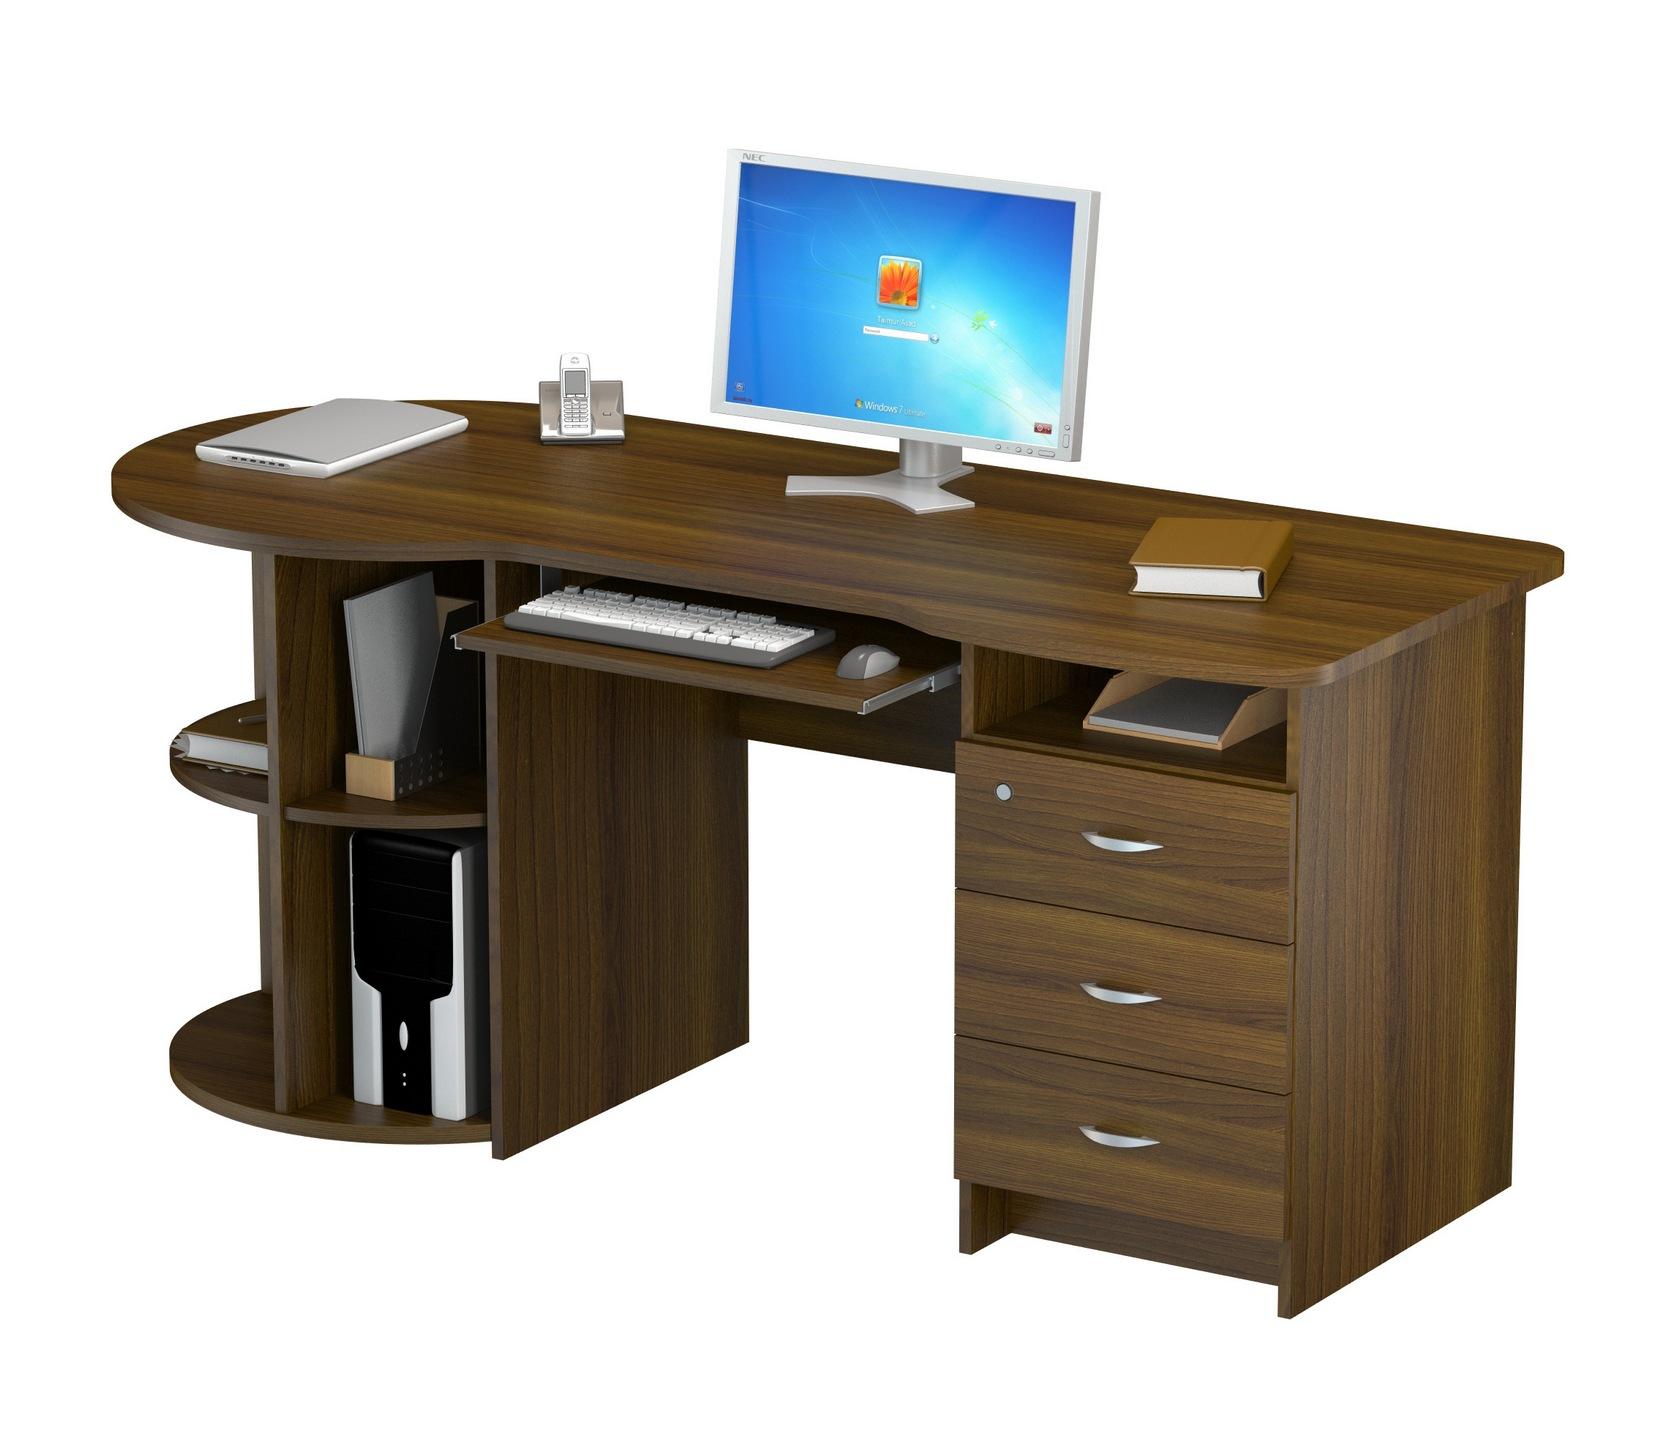 Стол компьютерный ВасКо ПС 40-02 М1